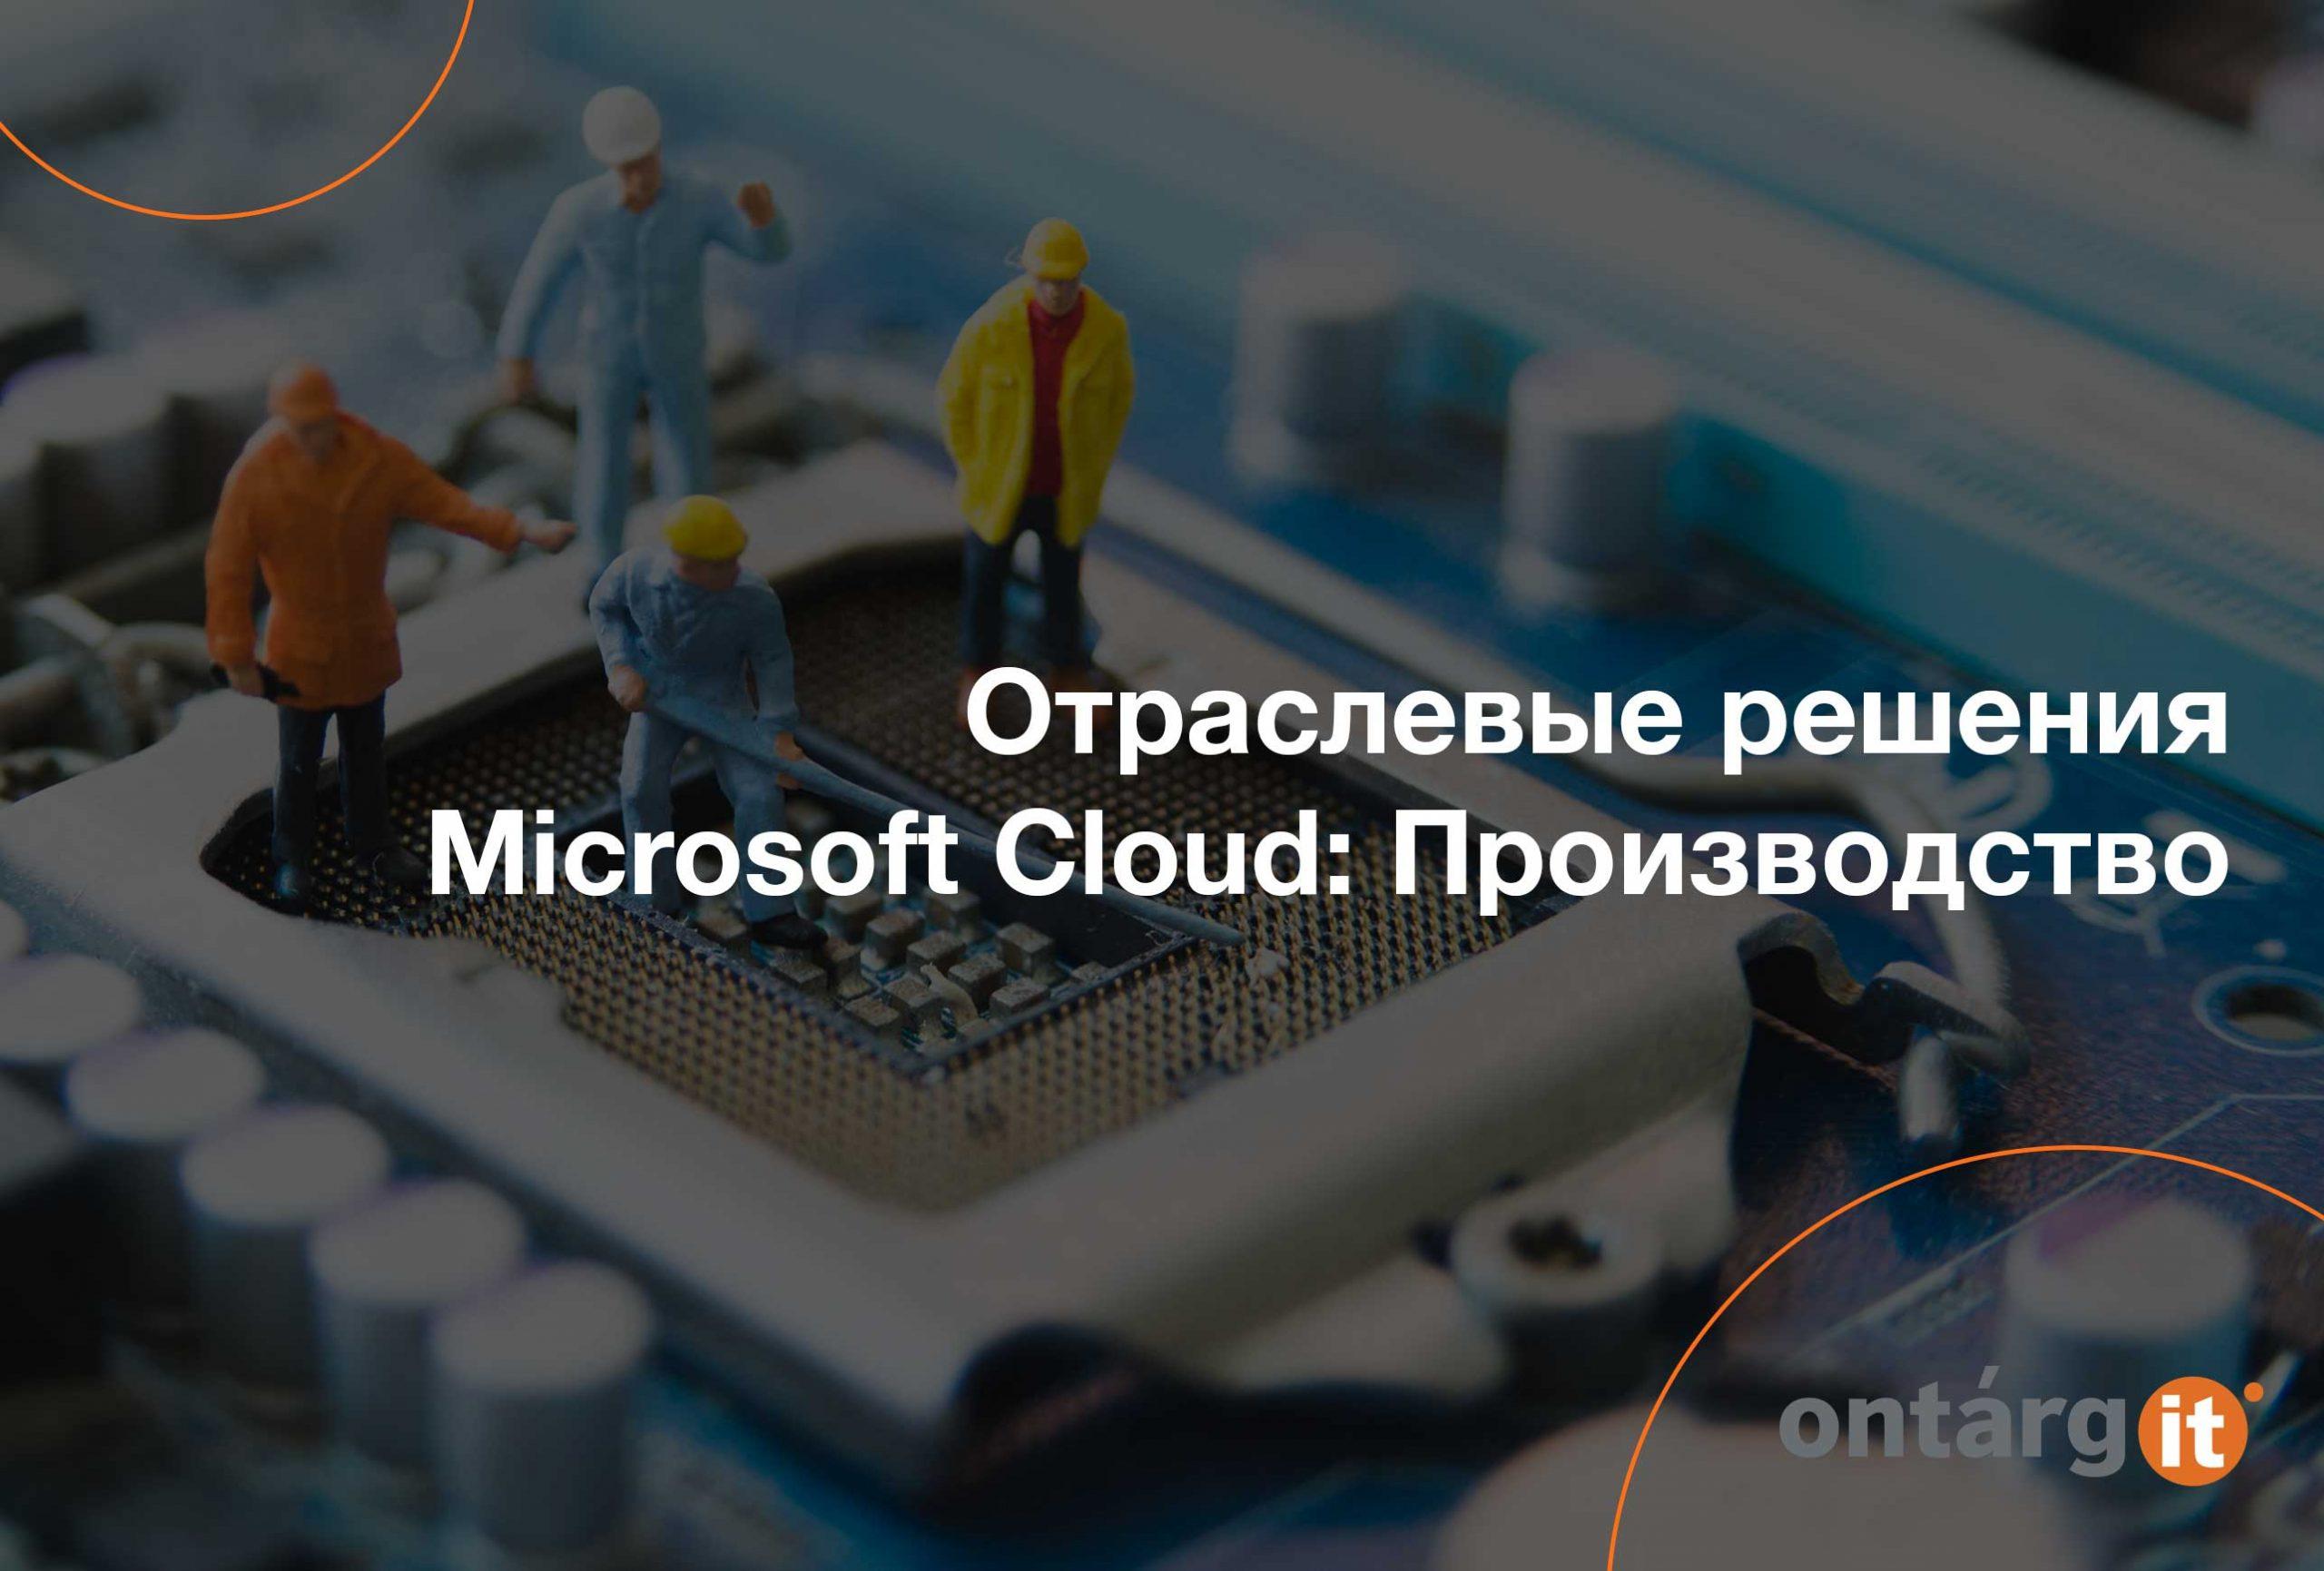 Отраслевые-решения-Microsoft-Cloud-Производство